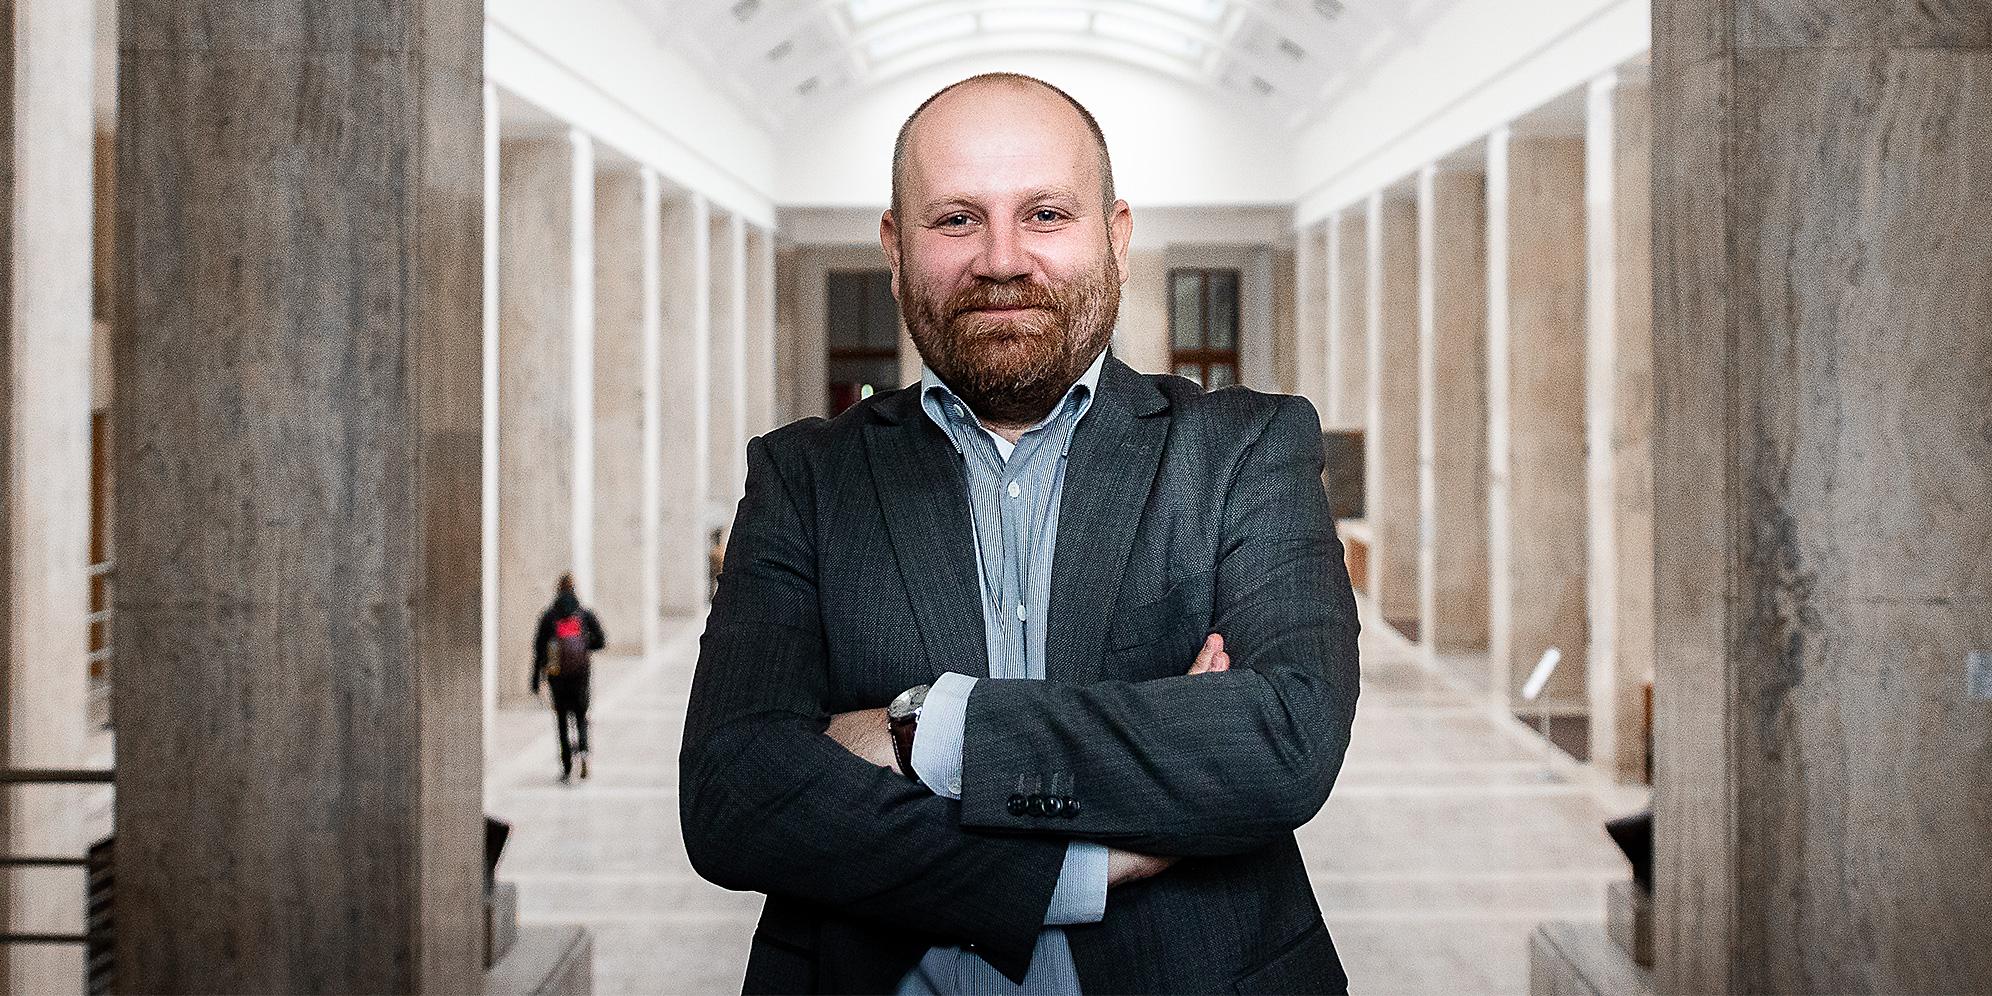 Foto: Nový děkan Právnické fakulty MU: Musíme víc mluvit o náplni studia